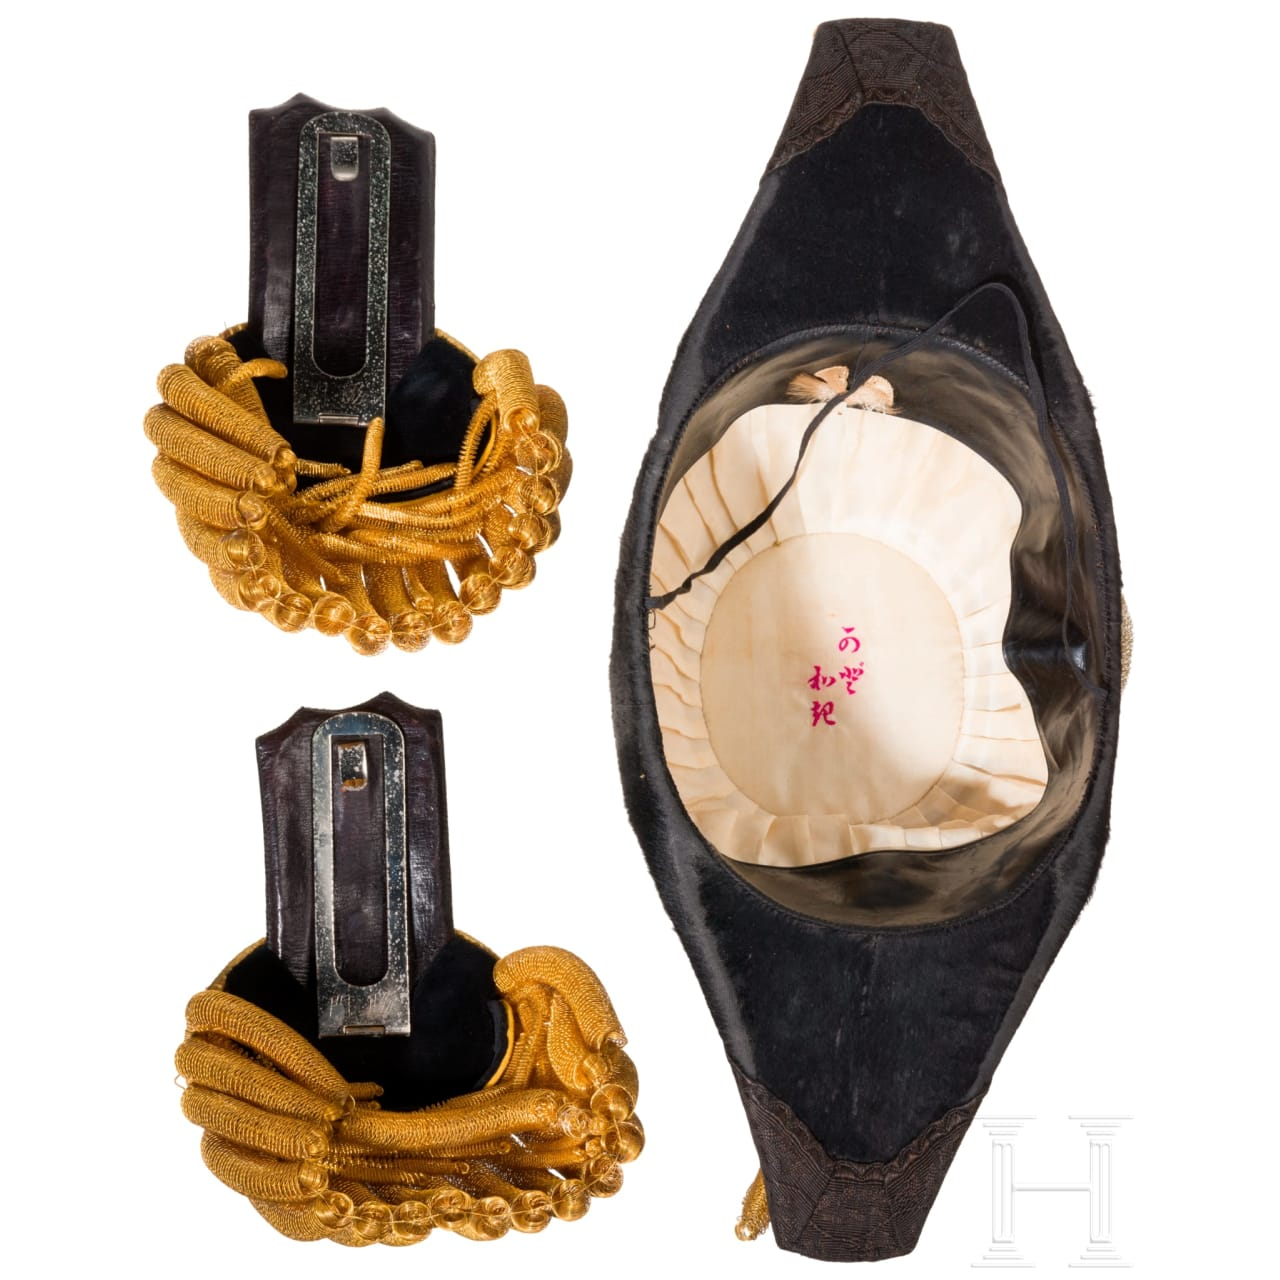 Hut und Epauletten eines Korvettenkapitäns (Syosa) der Kaiserlichen Marine